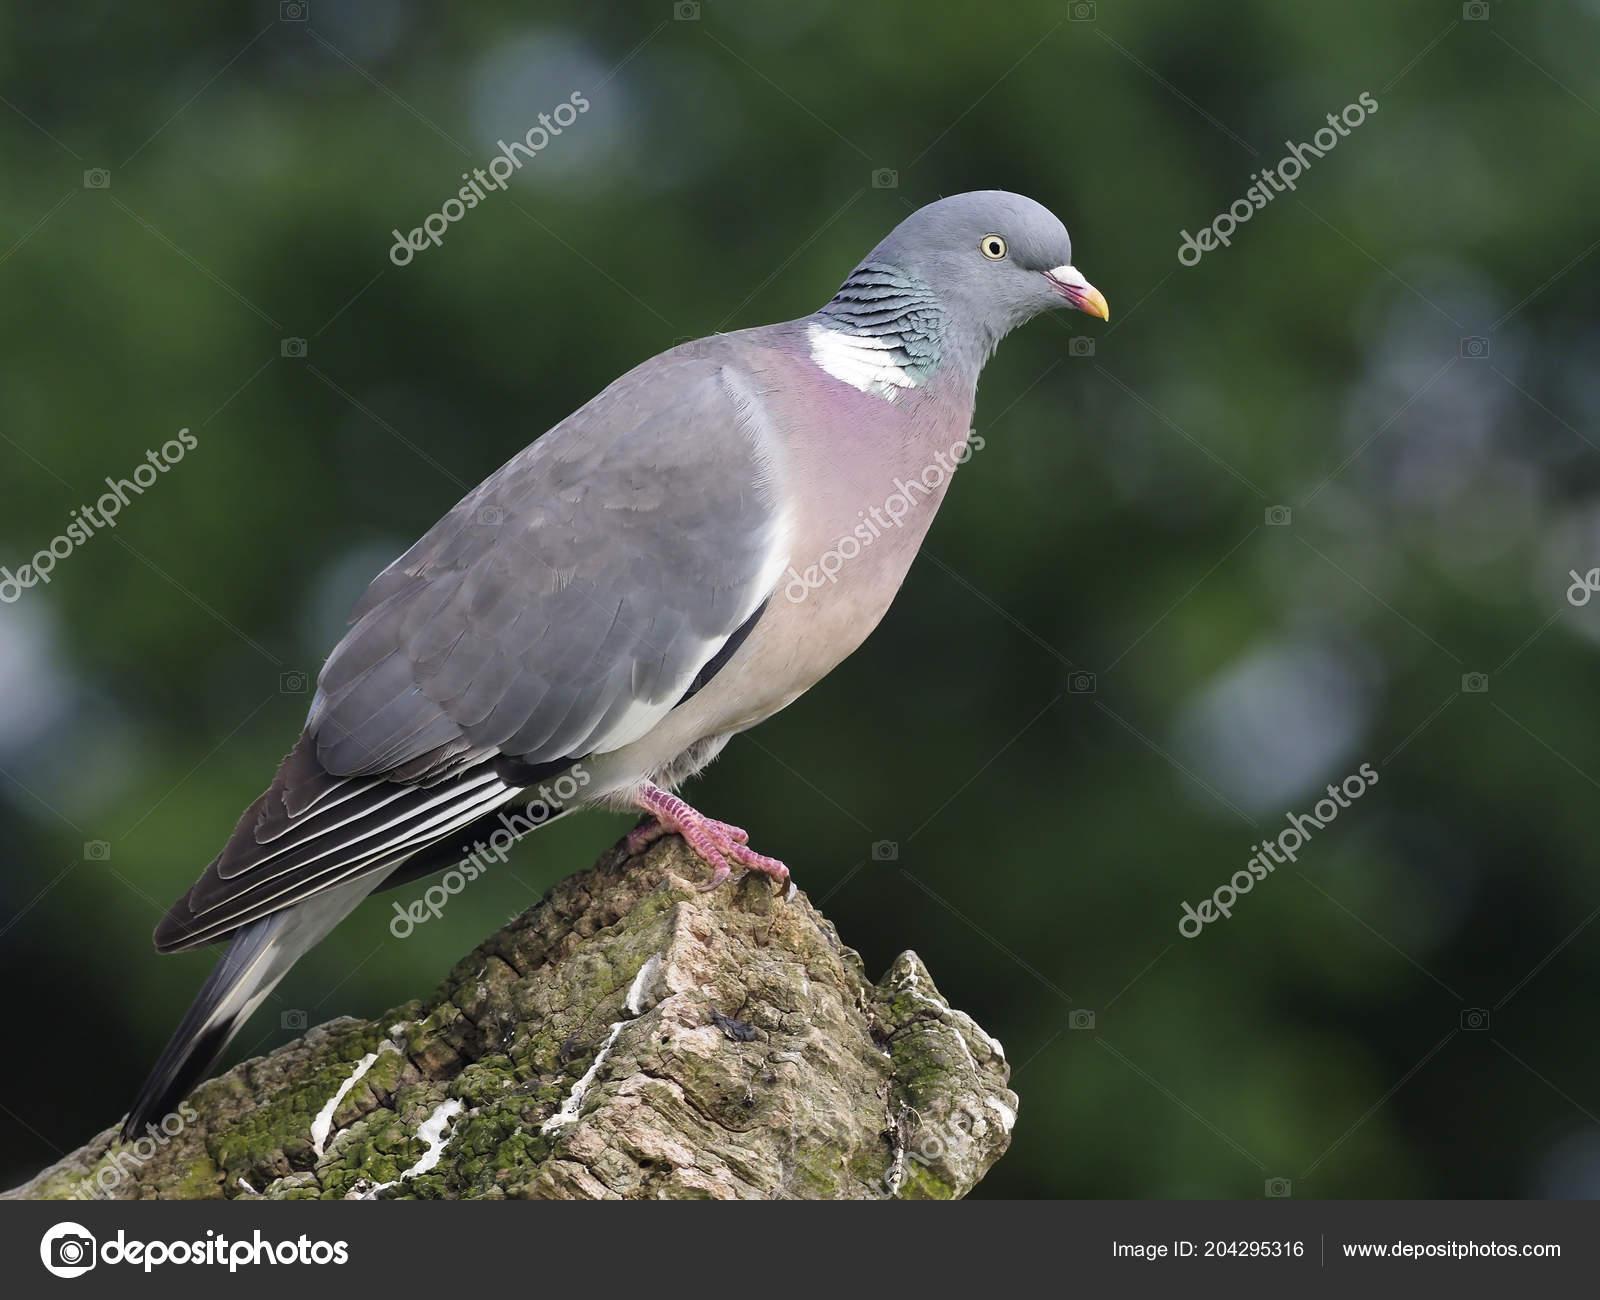 μεγάλο βρετανικό πουλί μαύρο έφηβος fuck στον κώλο